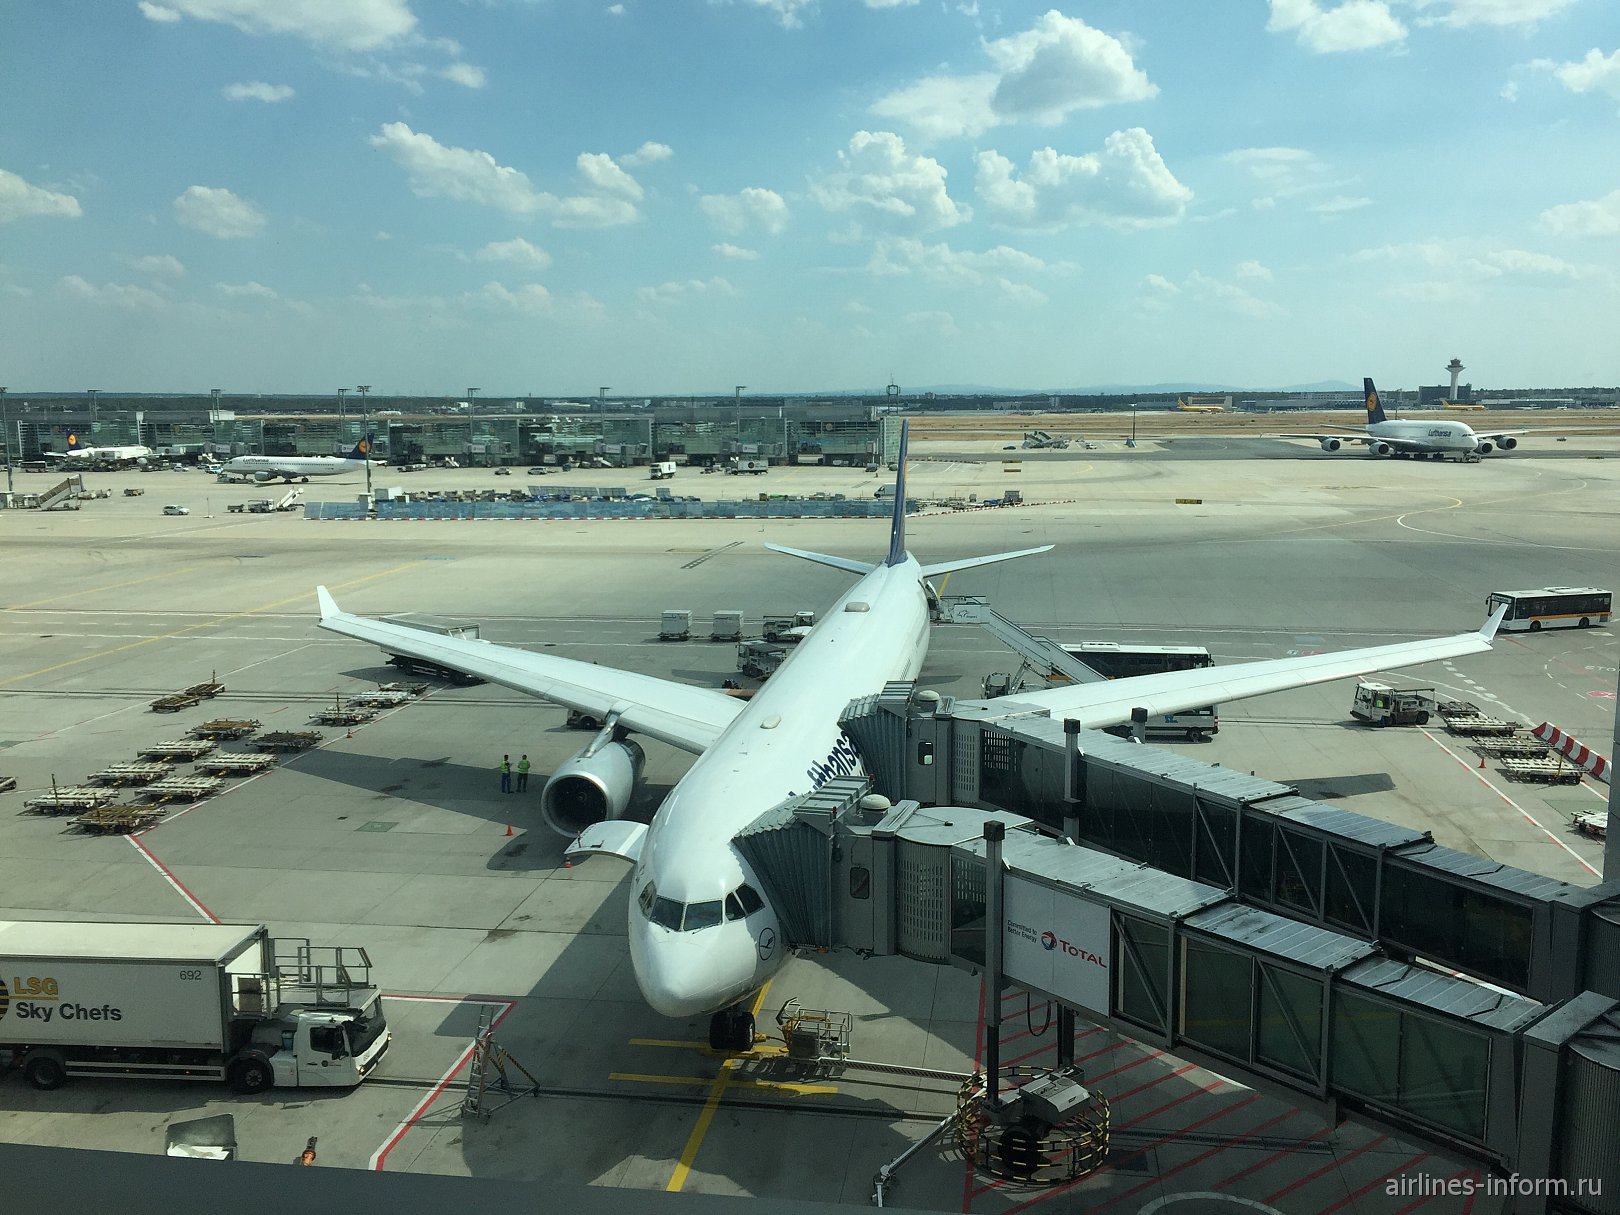 «Из немецко-итальянских записок..». Часть 1: Москва-Франкфурт с Lufthansa: нетривиальный самолет и полет в премиум-экономе